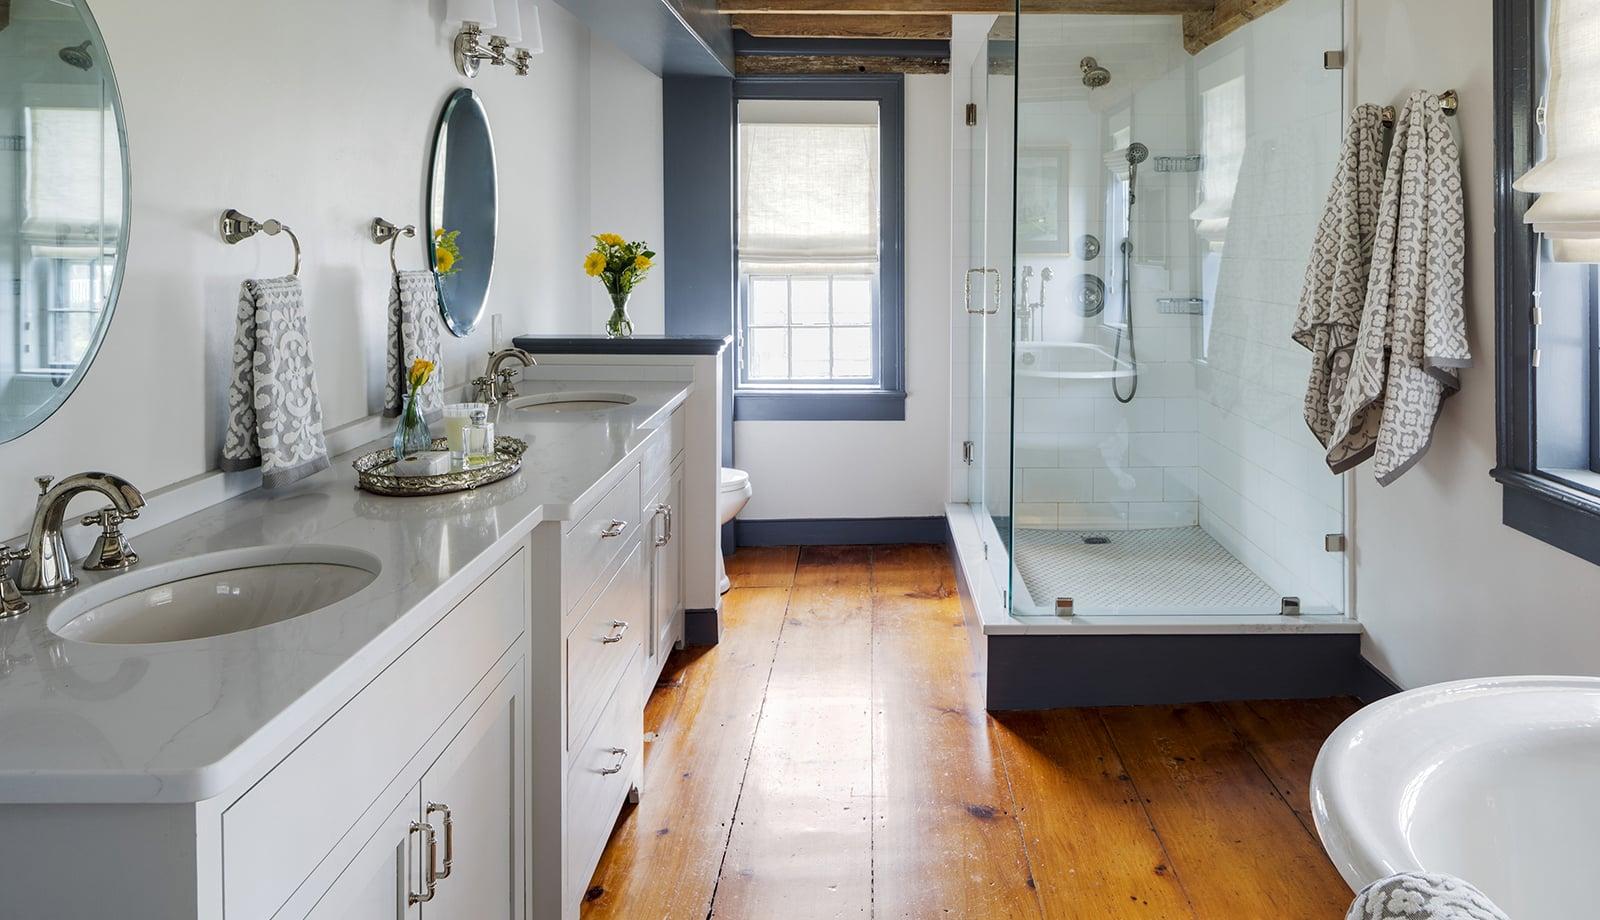 Harreden House Annisquam MA Master Bathroom featured